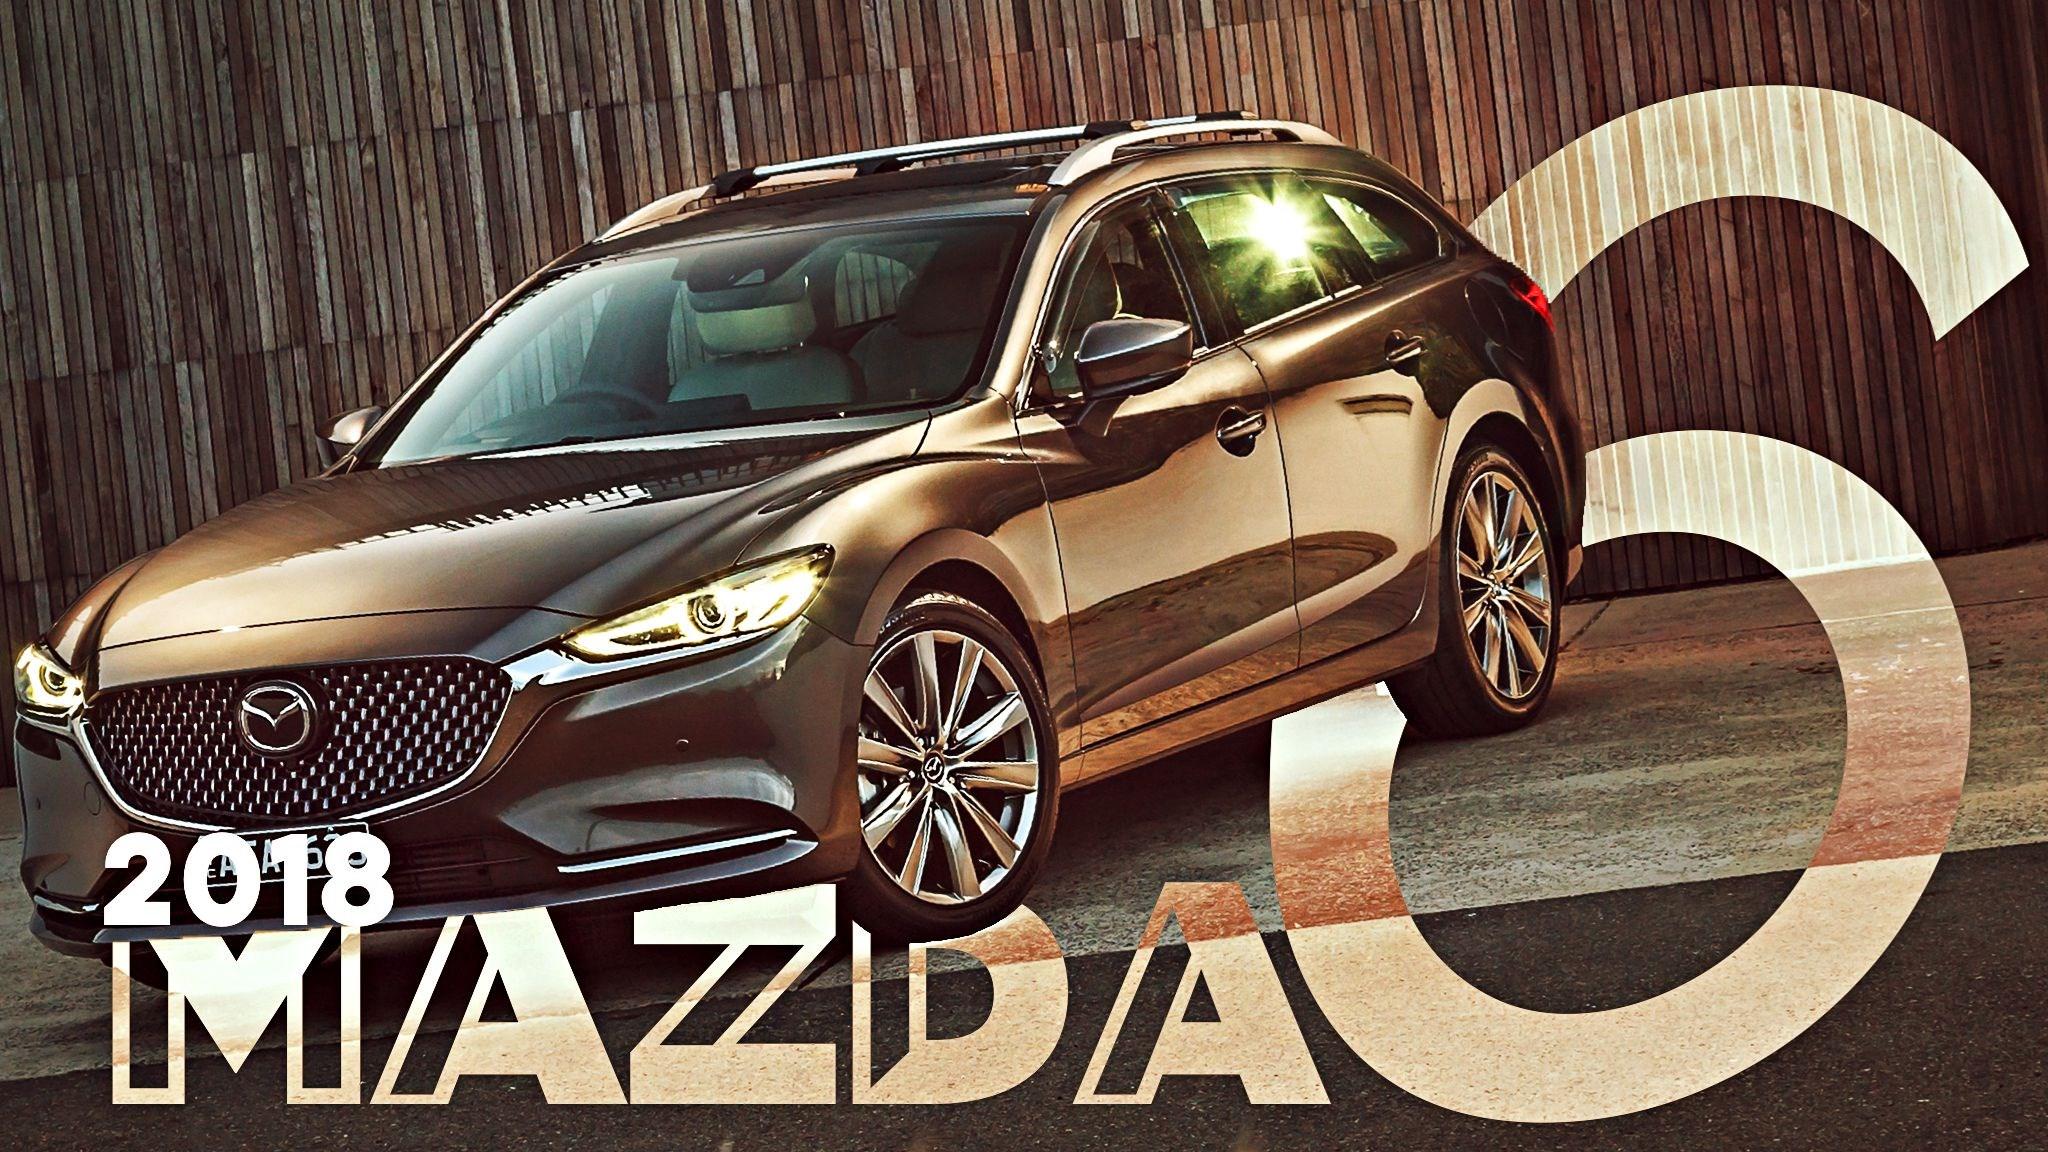 Turbo'd-Up 2018 Mazda6 Detailed For Australia